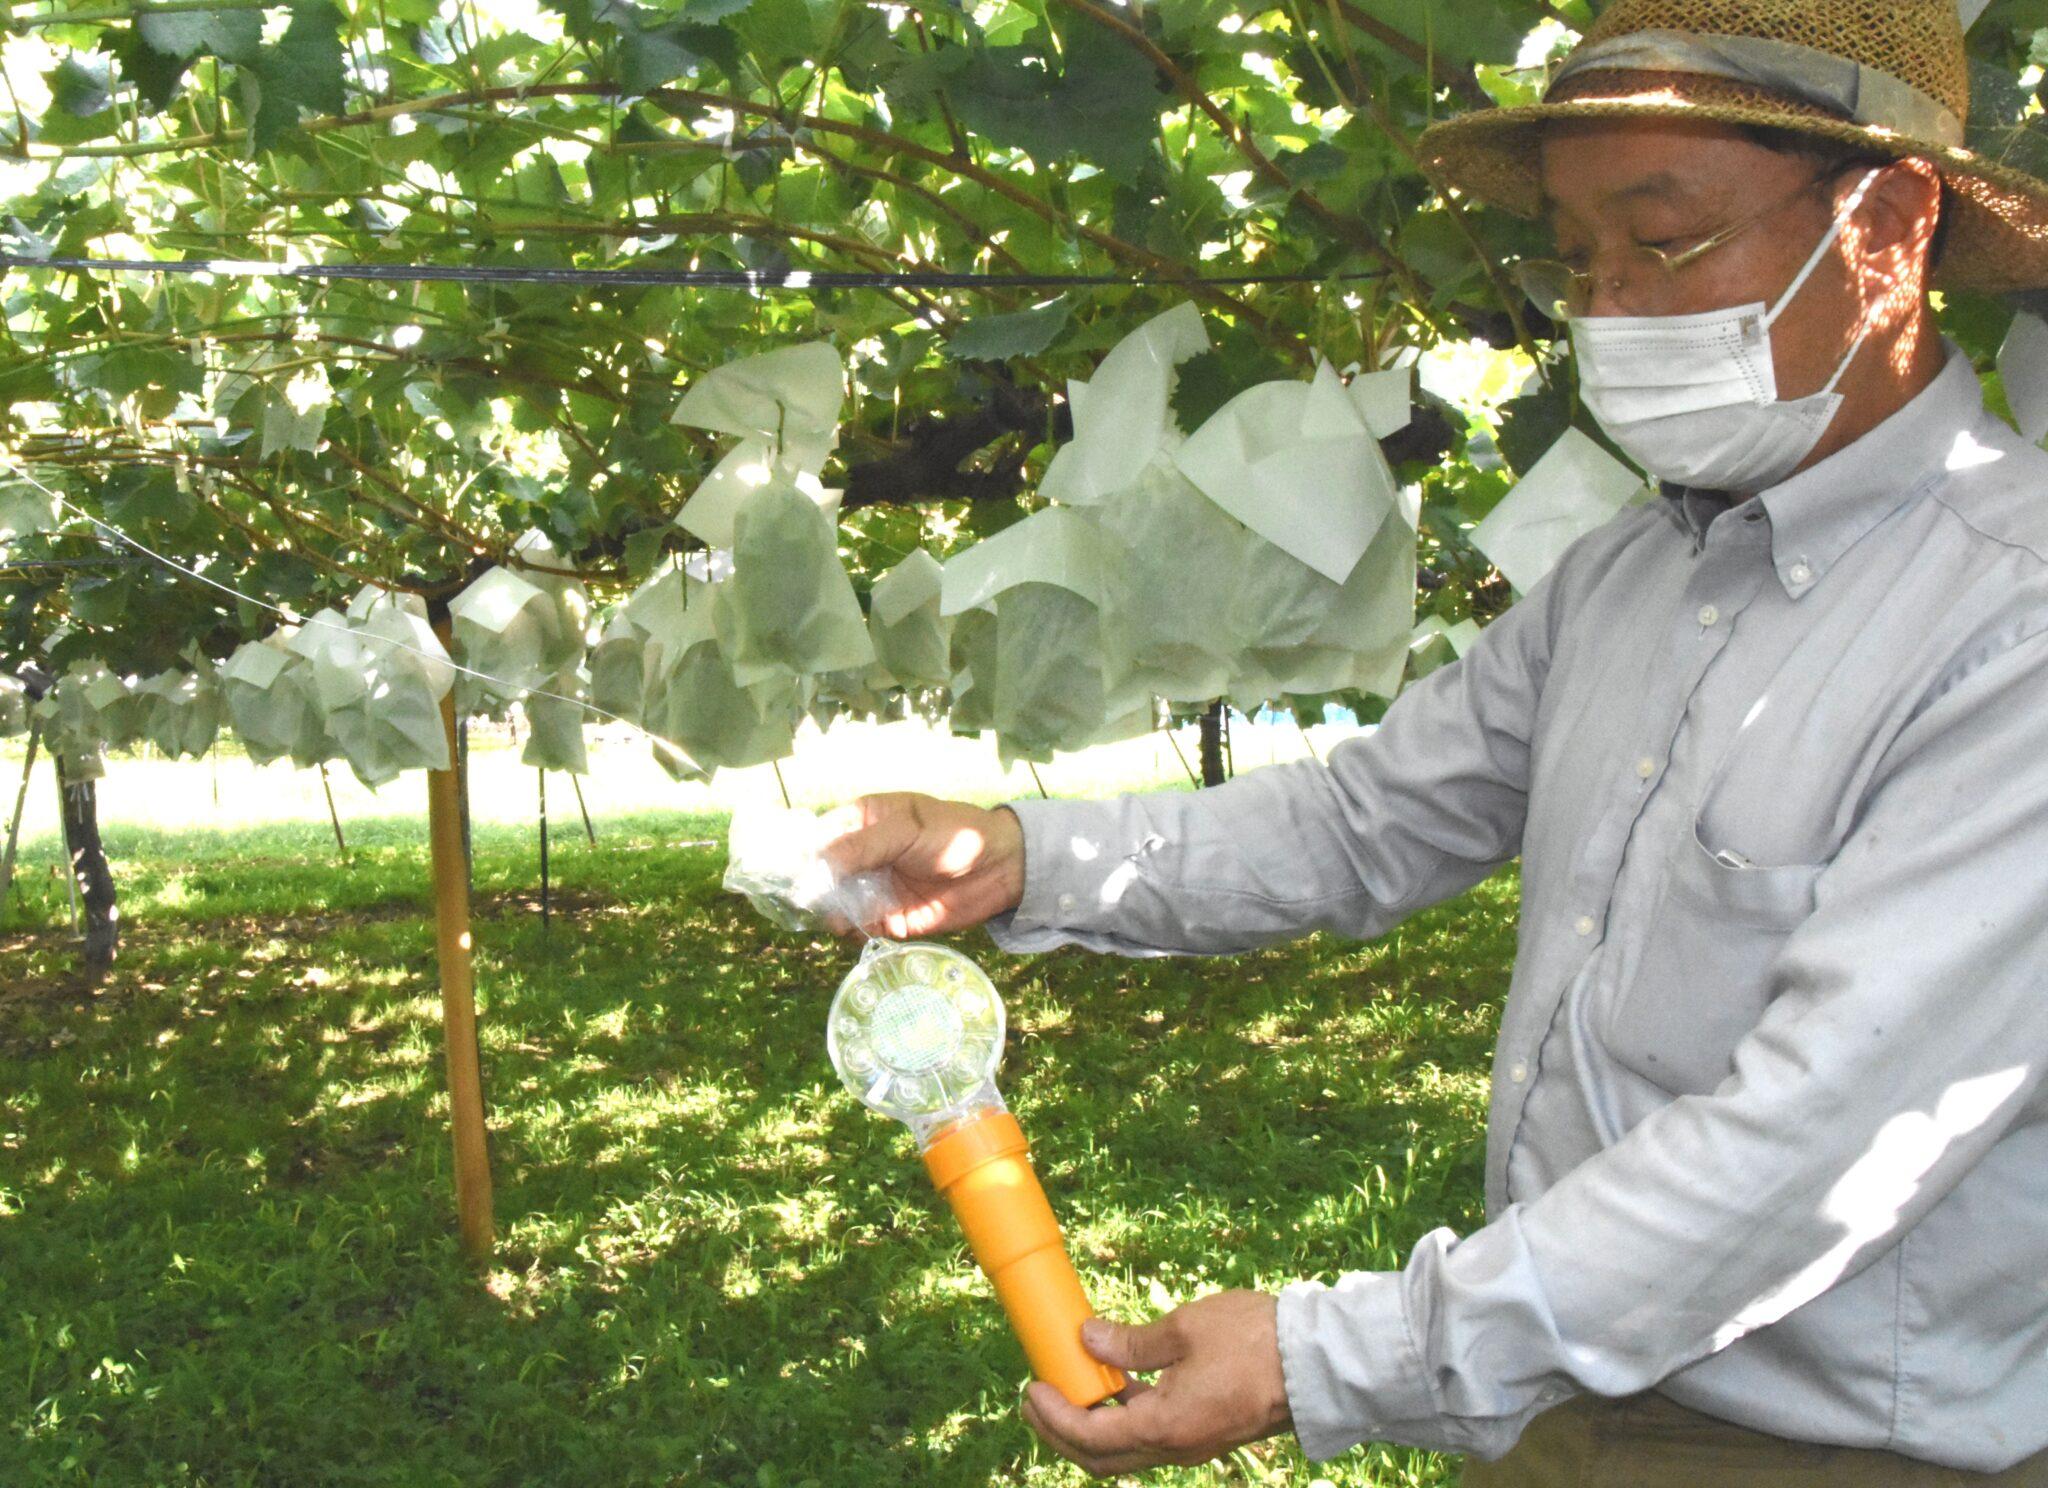 高級ブドウ盗まないで 各地で被害 警戒強める農家